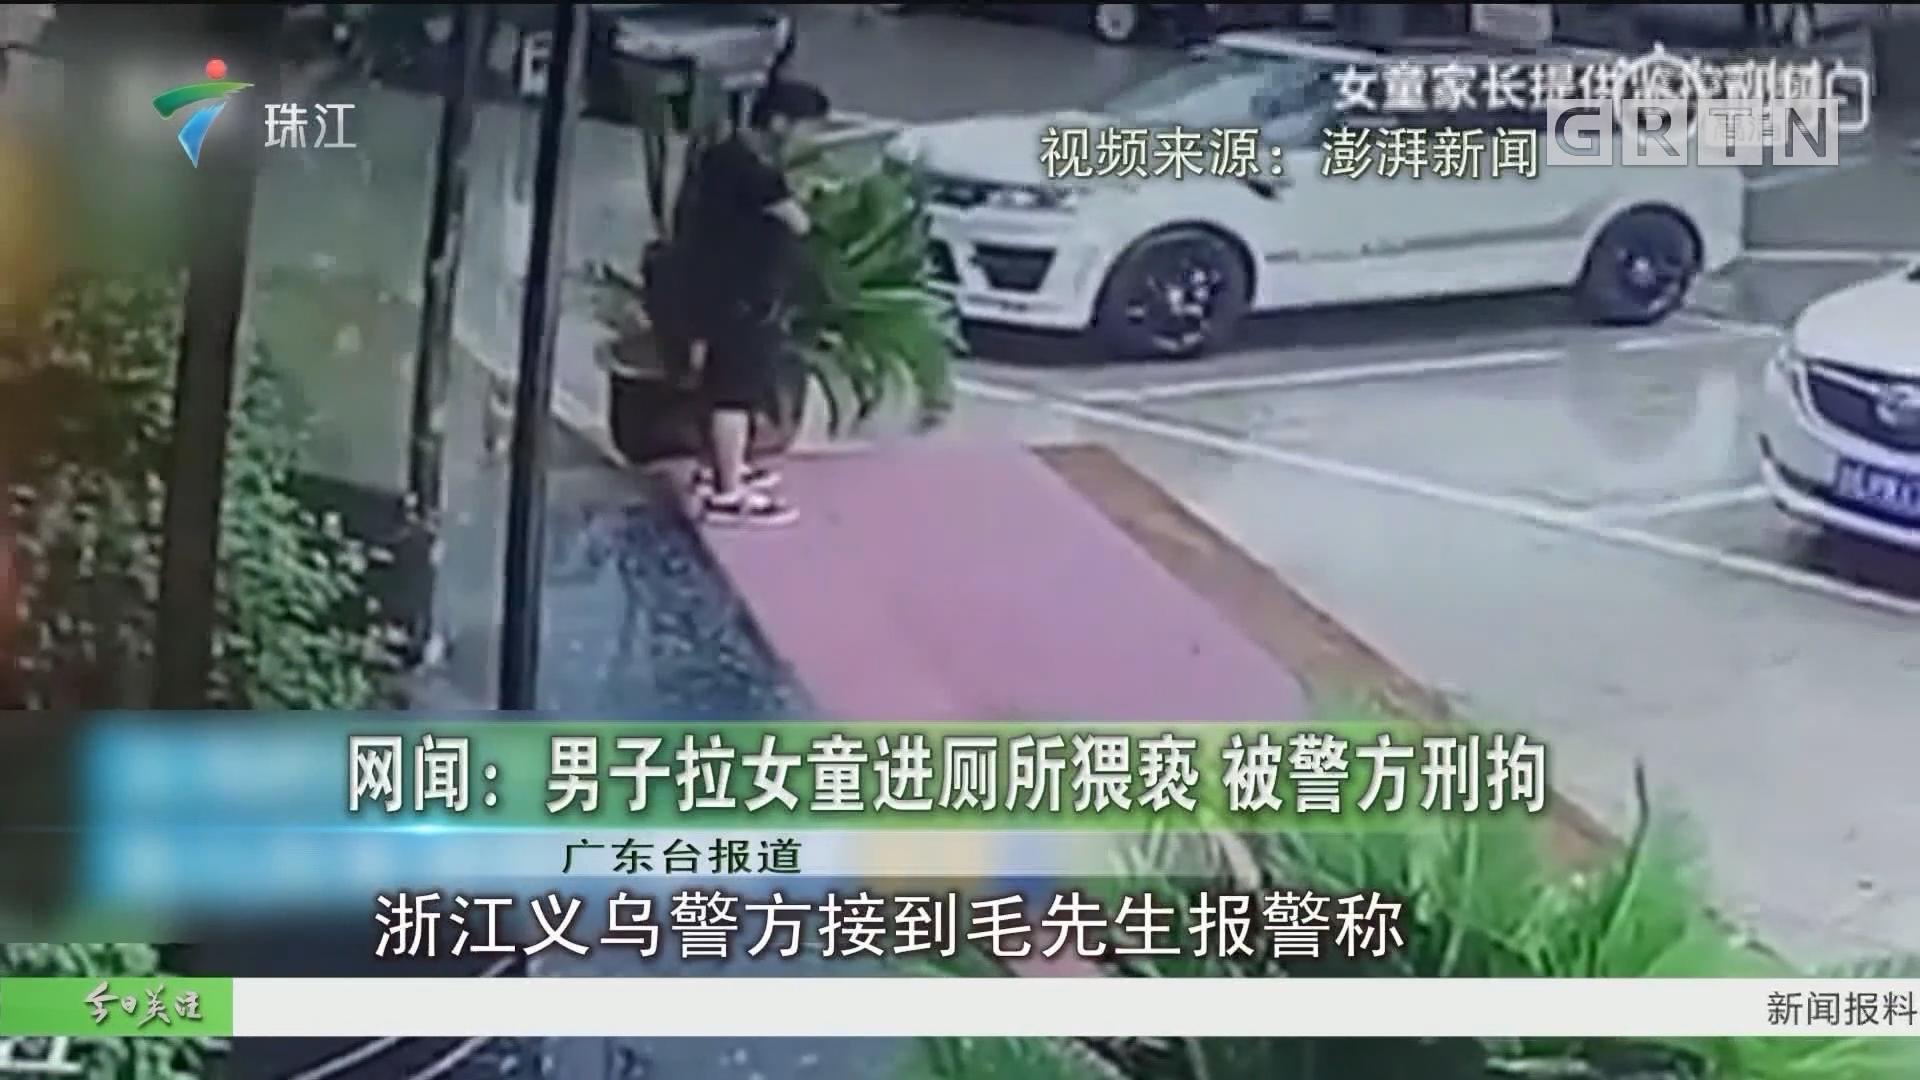 网闻:男子拉女童进厕所猥亵 被警方刑拘